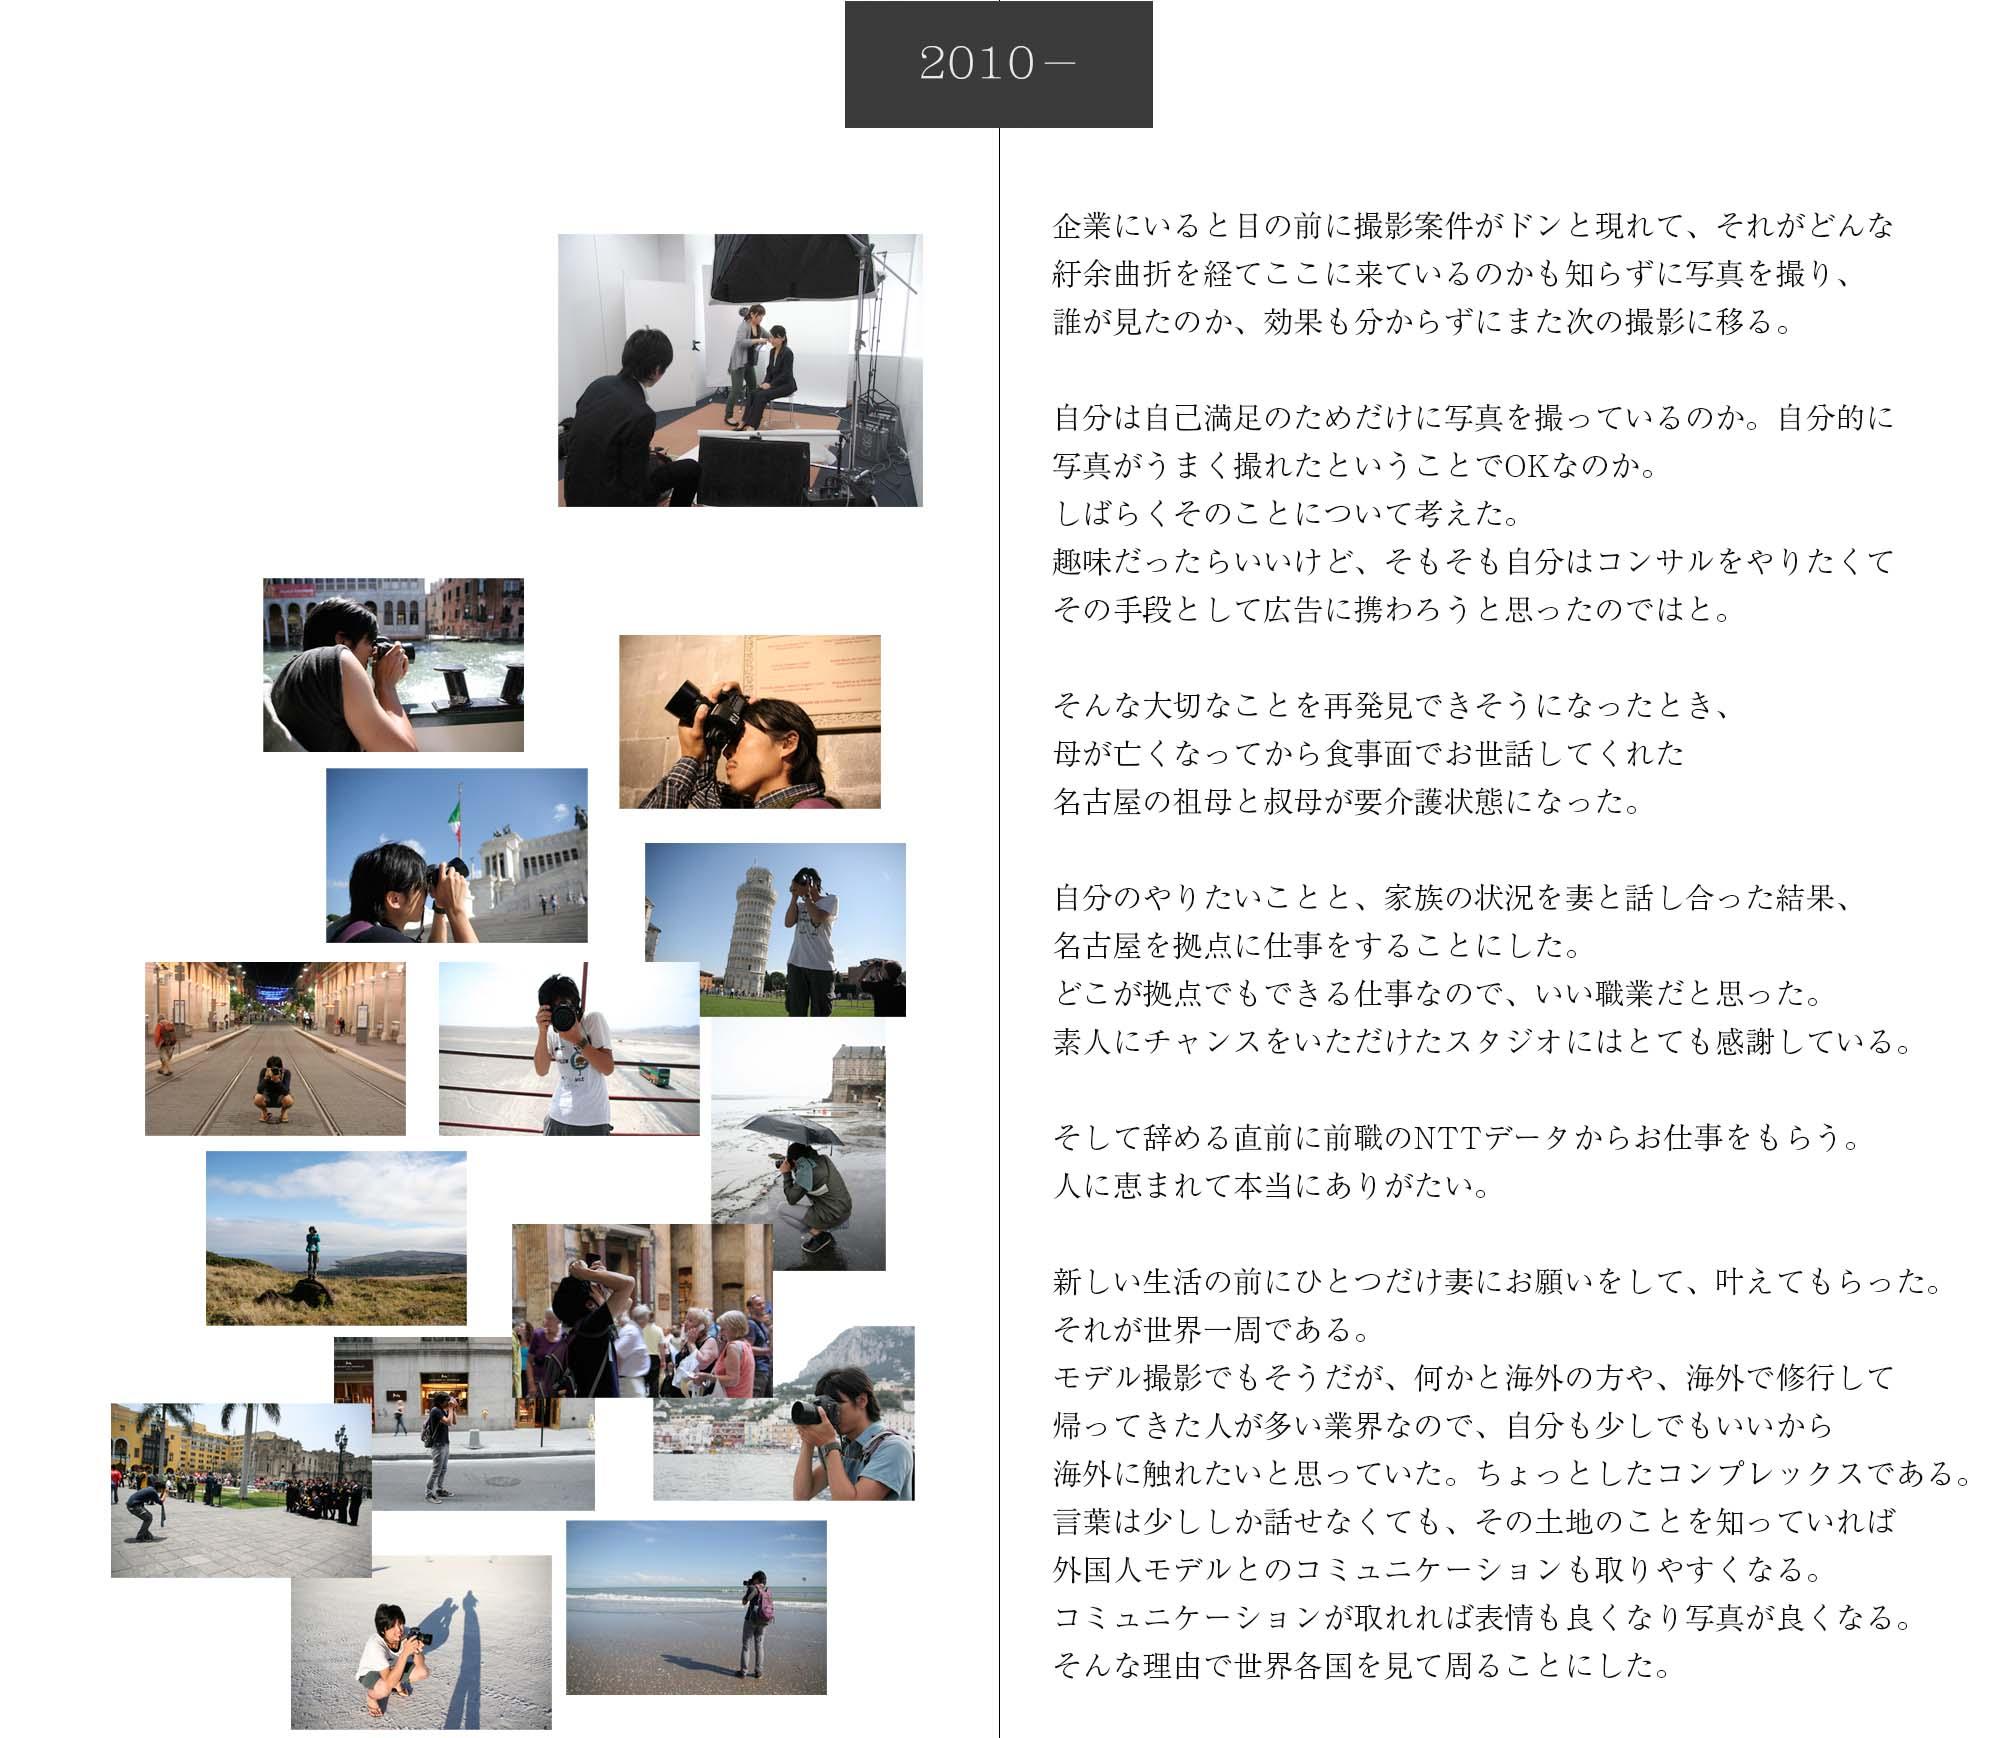 20131228_佐治秀保史_13